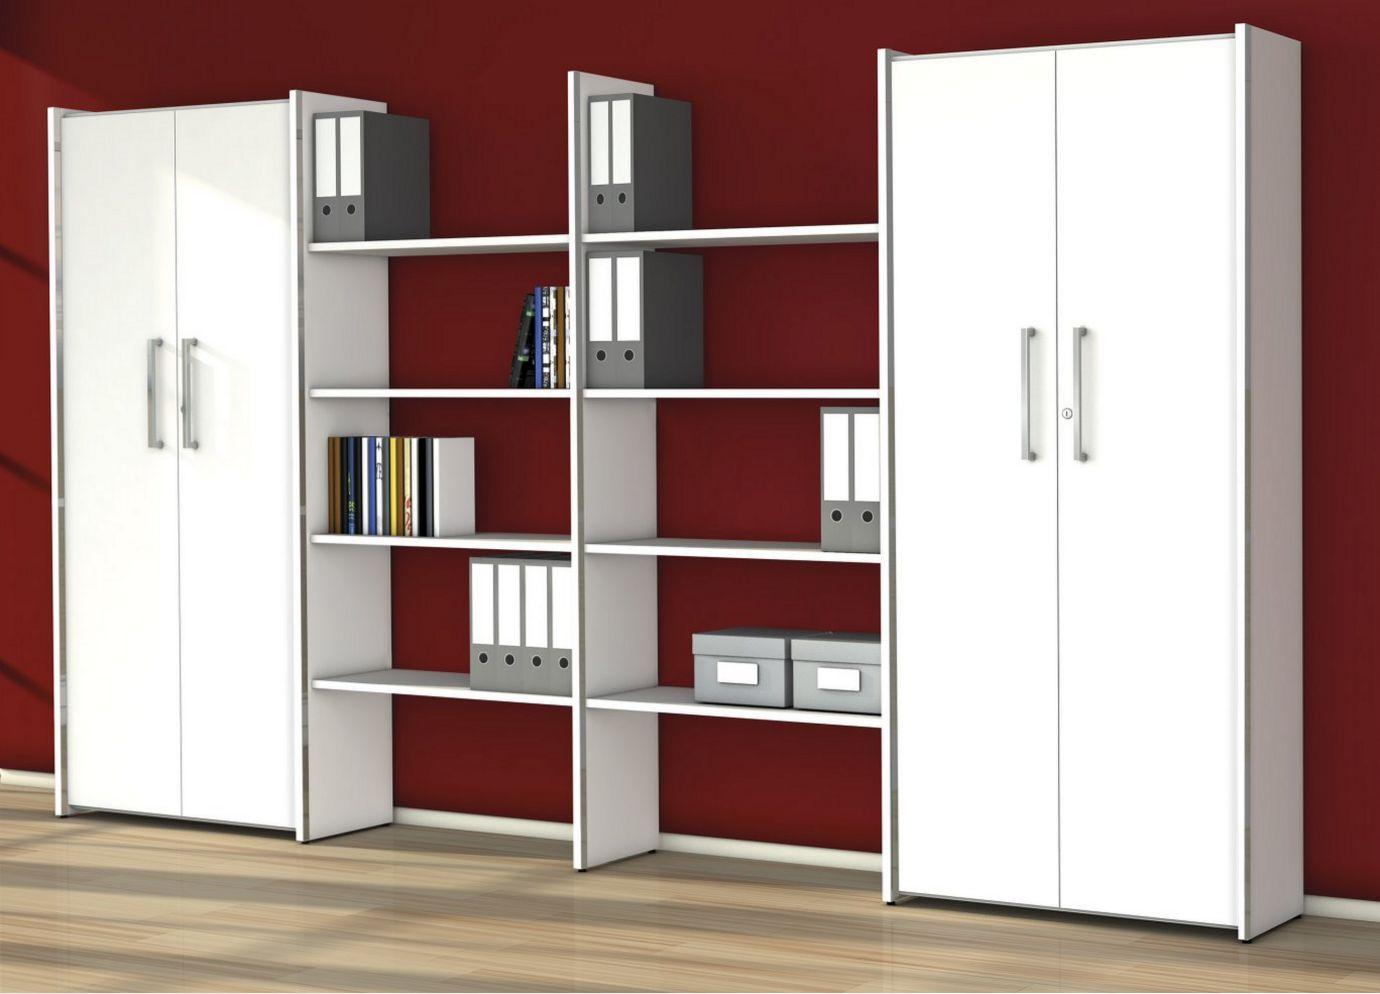 stabile Büro-Schrankwand mit 5 Aktenfächer